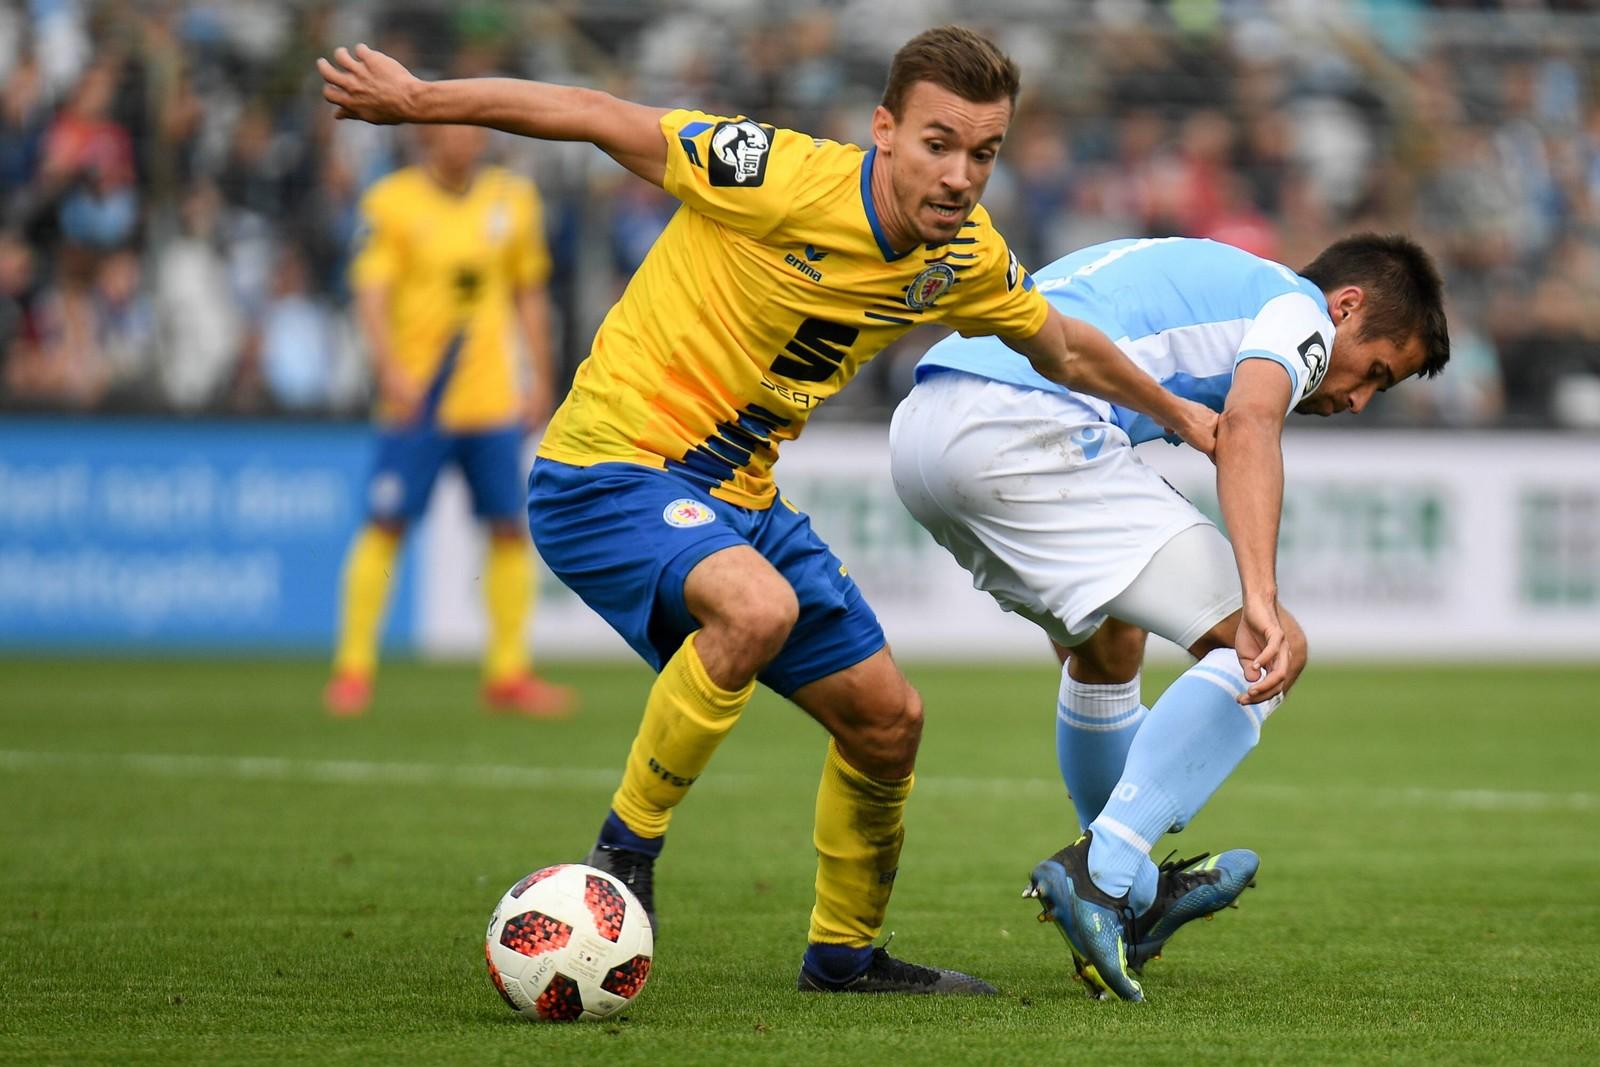 Das DFB-Sportgericht sperrte den Braunschweiger für eine Partie.